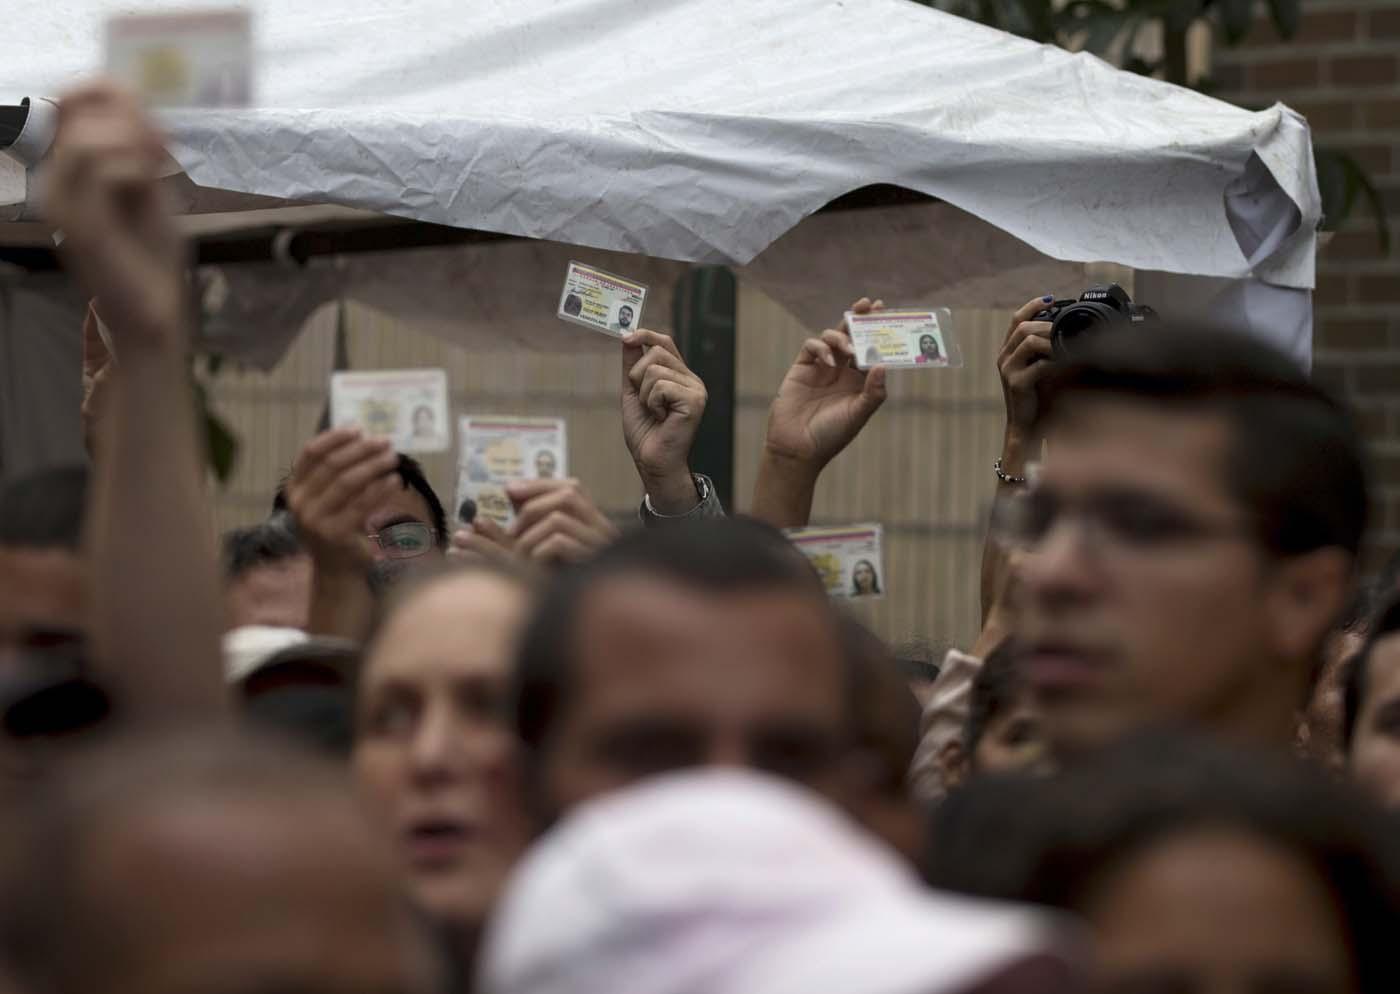 ARCHIVO - Esta foto de archivo del 24 de junio de 2016 muestra a opositores venezolanos que reclaman la validación de las firmas reunidas para un referendo revocatorio del mandato del presidente Nicolás Maduro. La coalición opositora convocó a nuevas marchas a favor del referendo el miércoles 27 de julio de 2016. (AP Foto/Fernando Llano, Archivo)